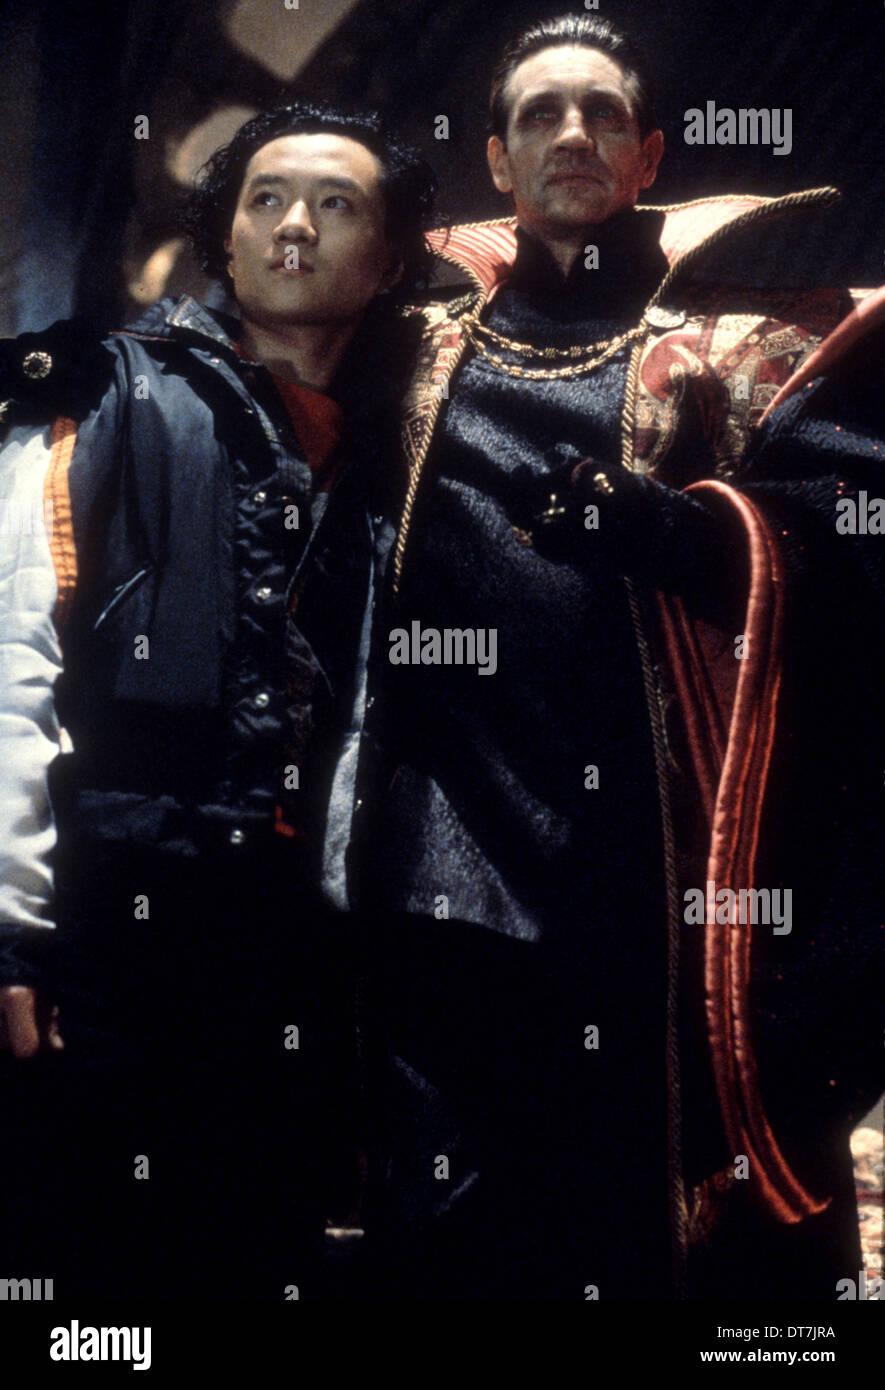 YEE JEE TSO & ERIC ROBERTS DOCTOR WHO (1996) - Stock Image